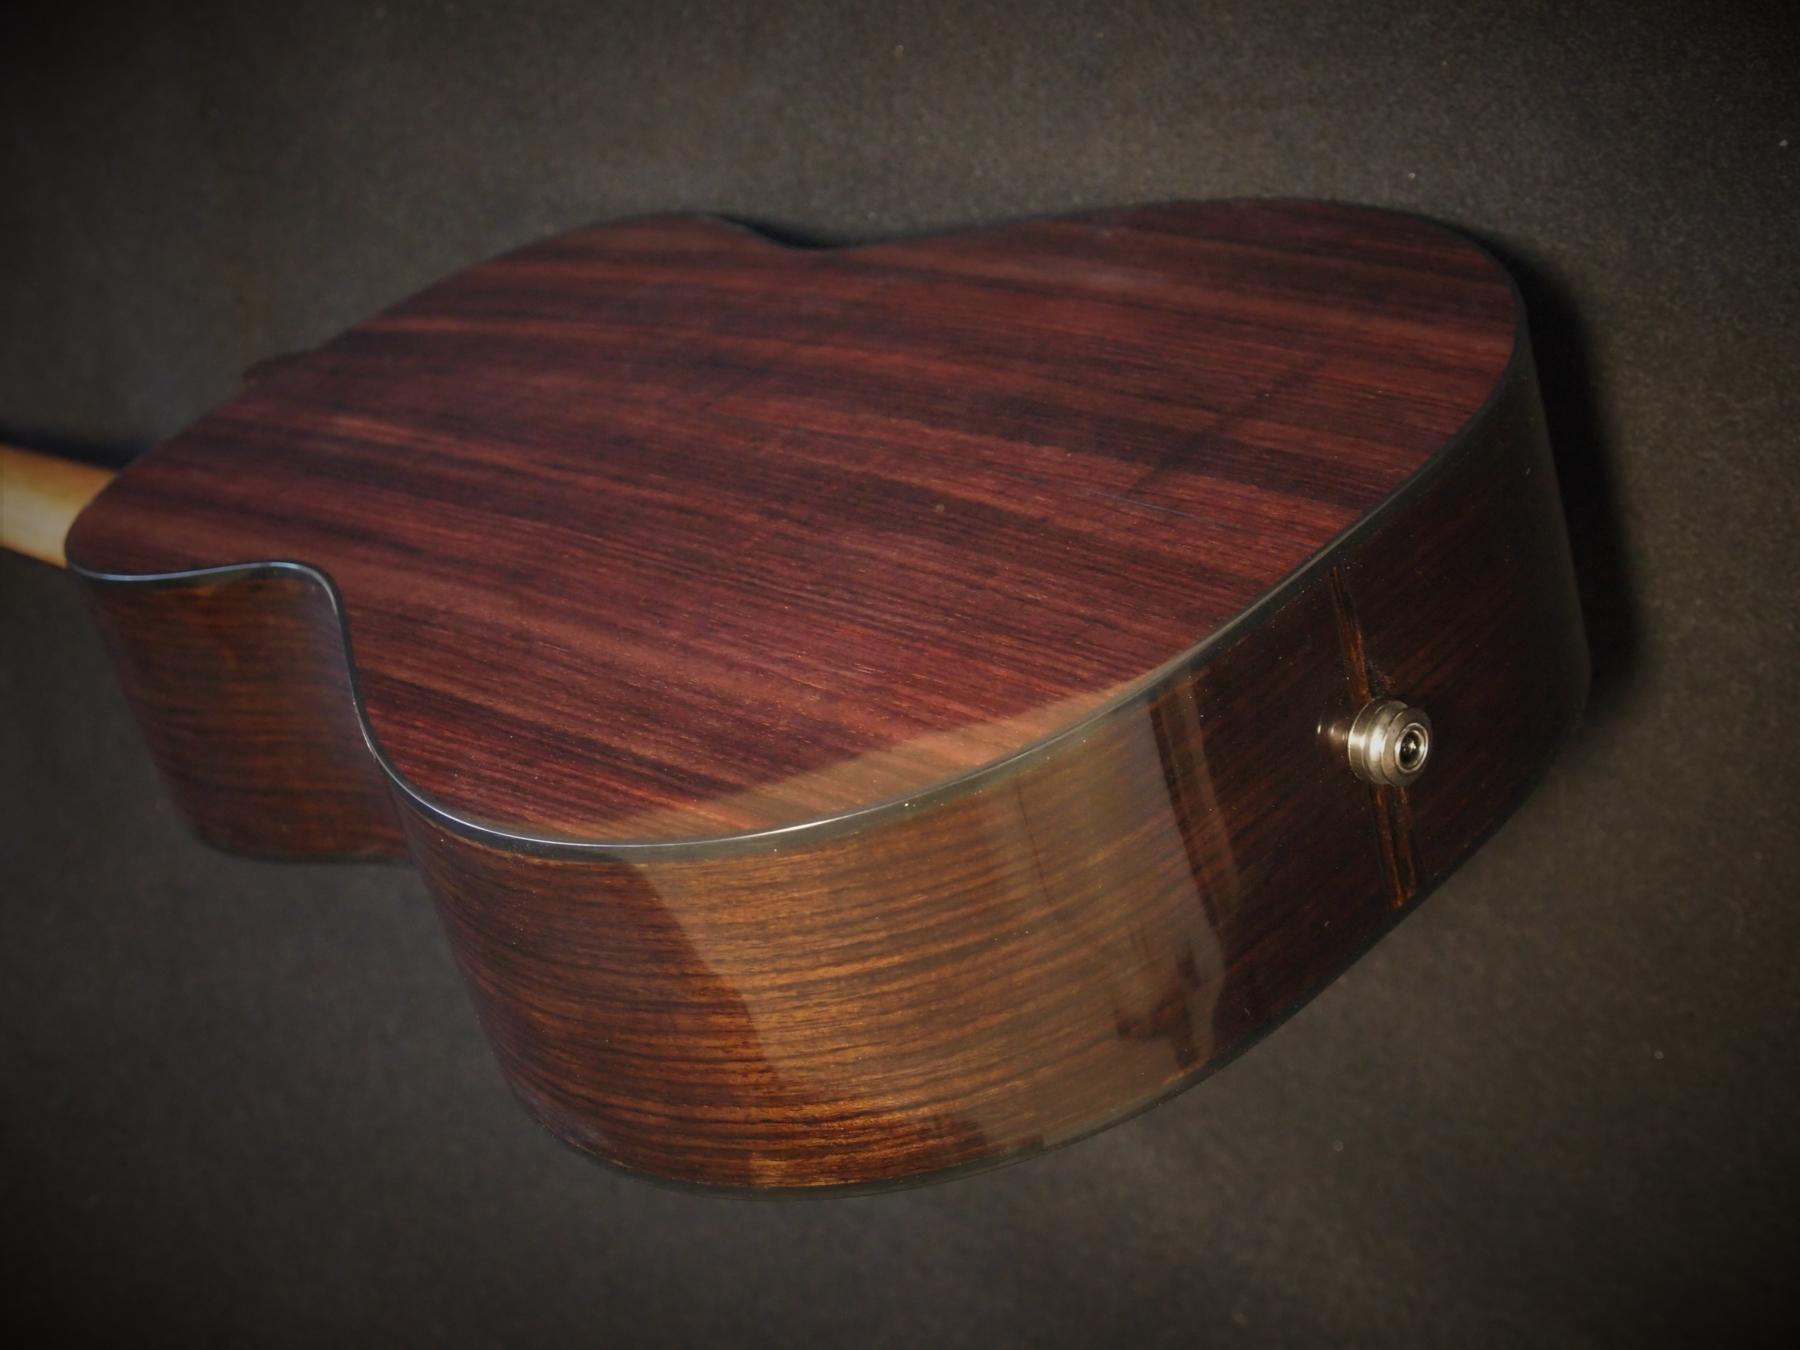 india rosewood and redwood baritone ukulele